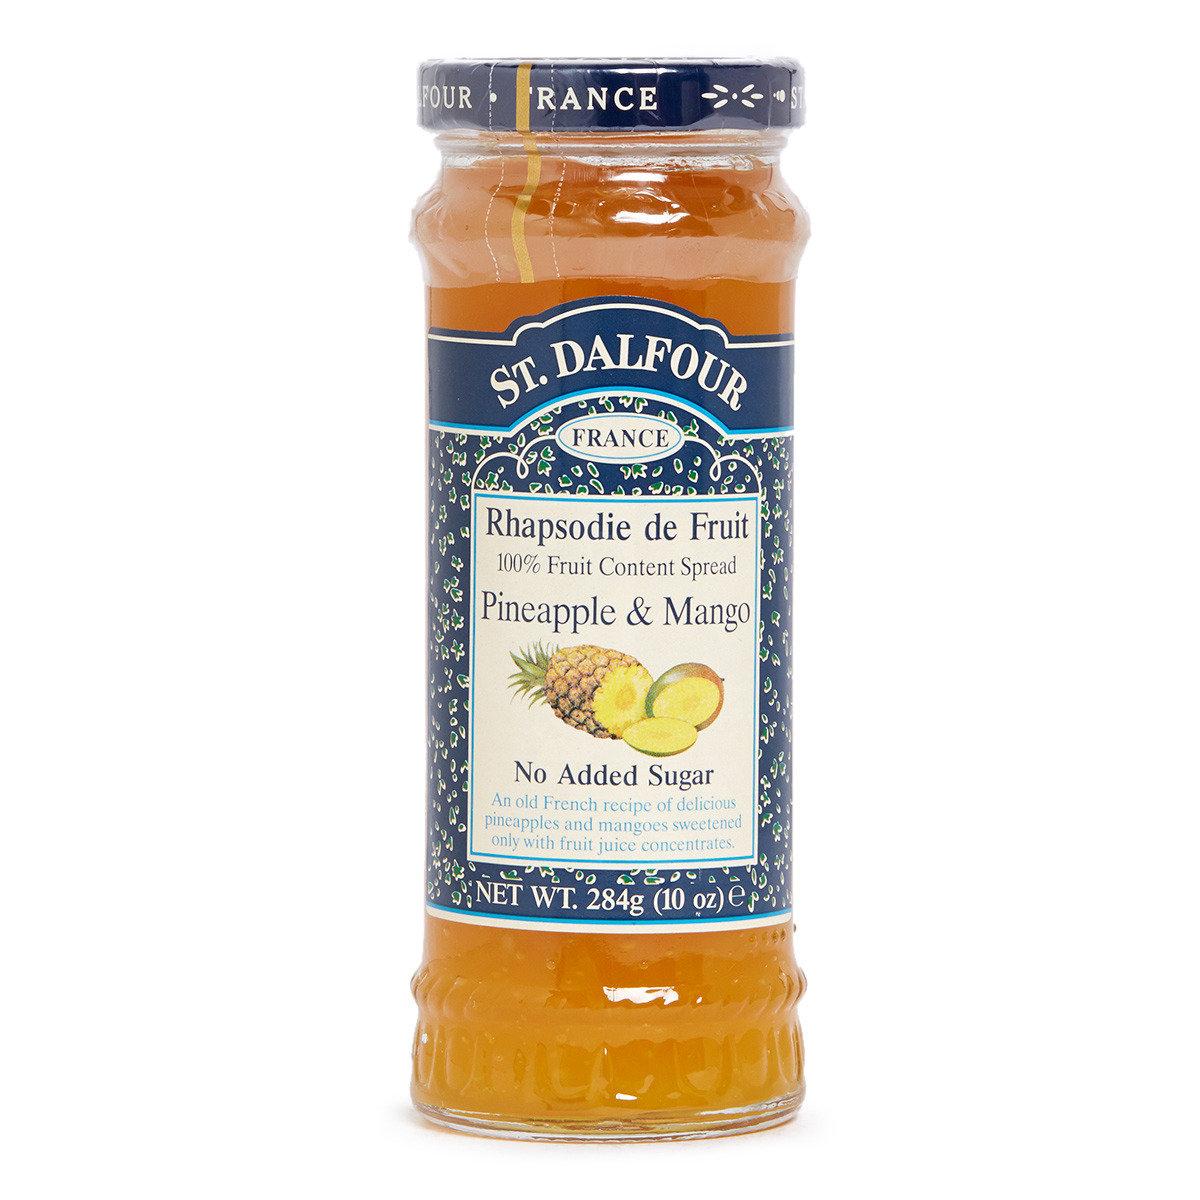 天然鳳梨芒果果醬